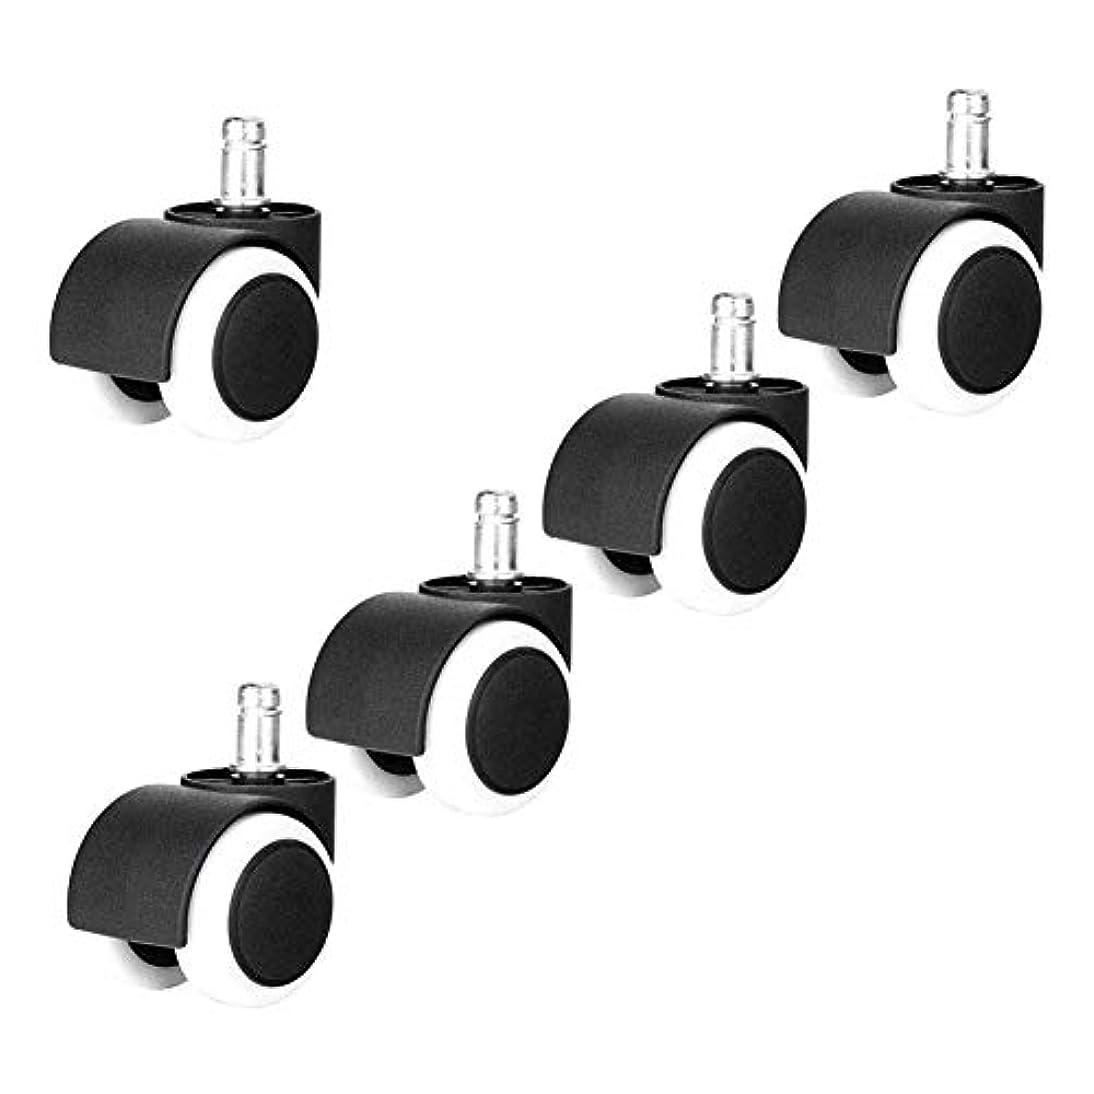 残るトロイの木馬アンテナZAYAR チェア用ウレタンキャスター オフィスチェア交換用イスキャスター 差込式ポリウレタンチェアホイール 360度回転 静音 傷つけにくい 適応穴直径11mm 5個セット